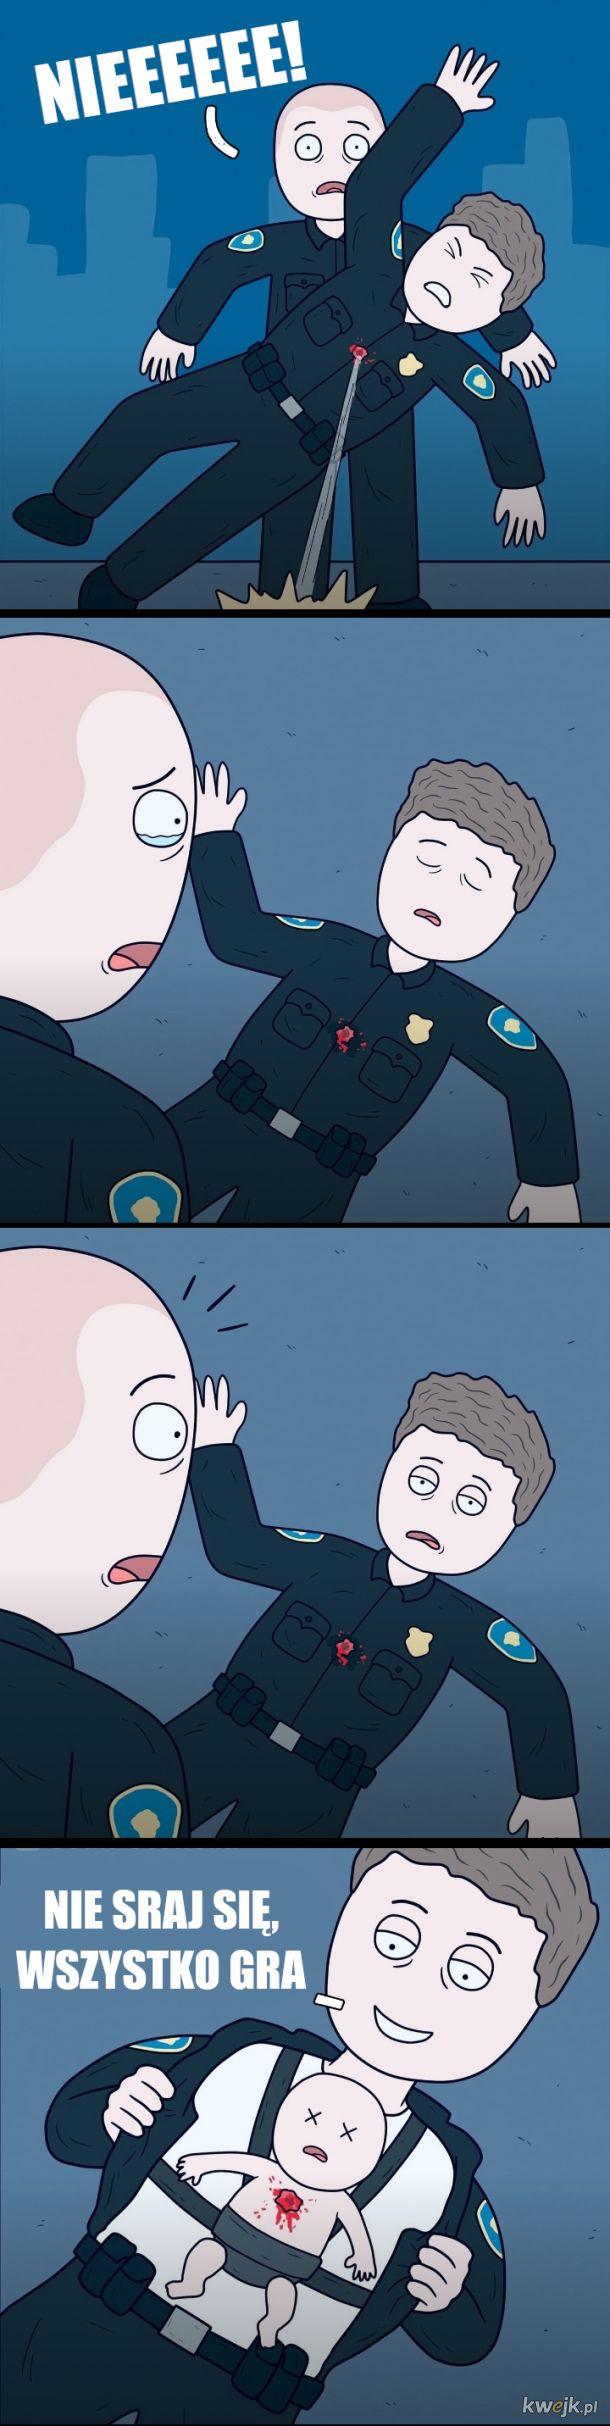 Dzielni policjanci